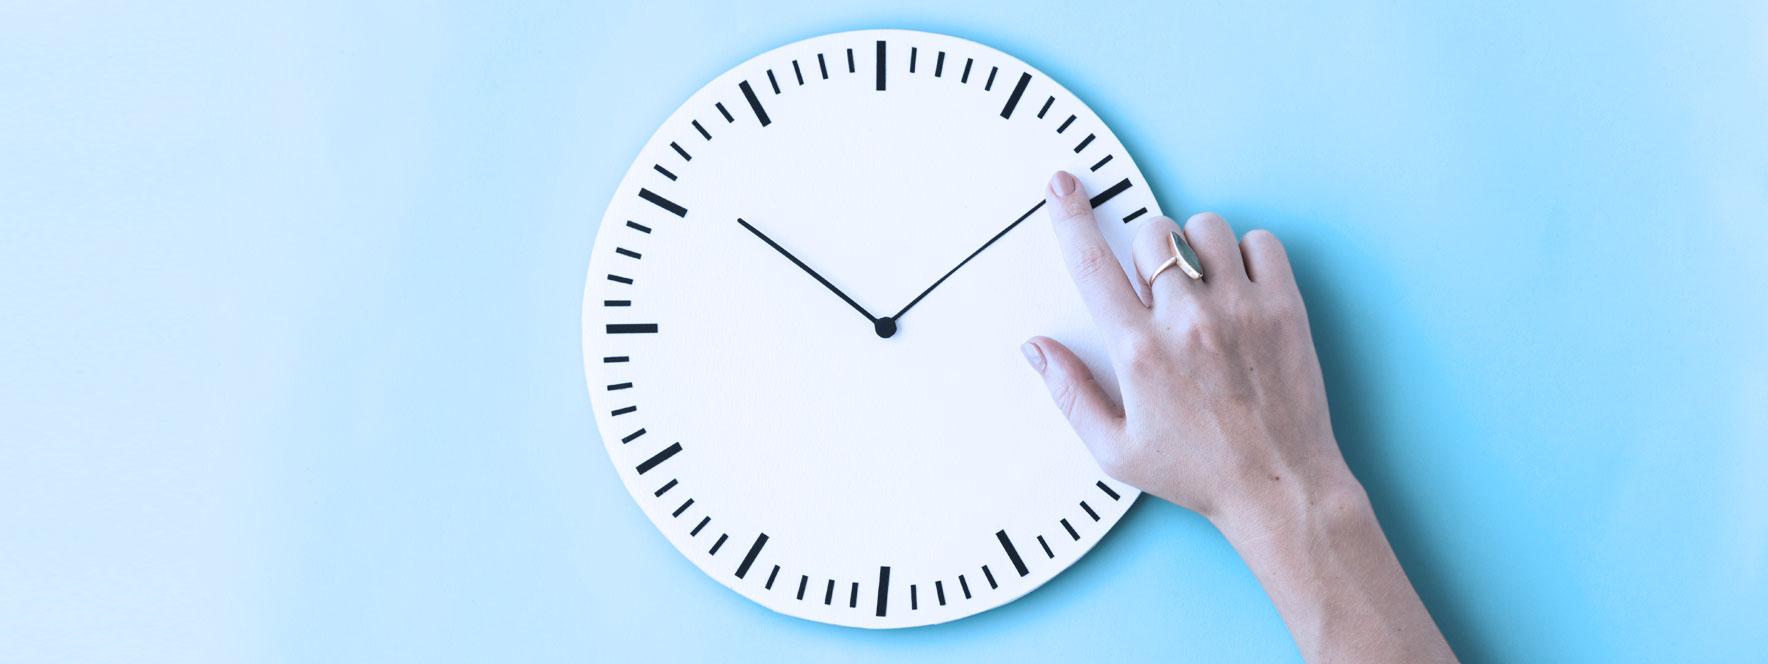 horaire instable - Blogue du Réseau